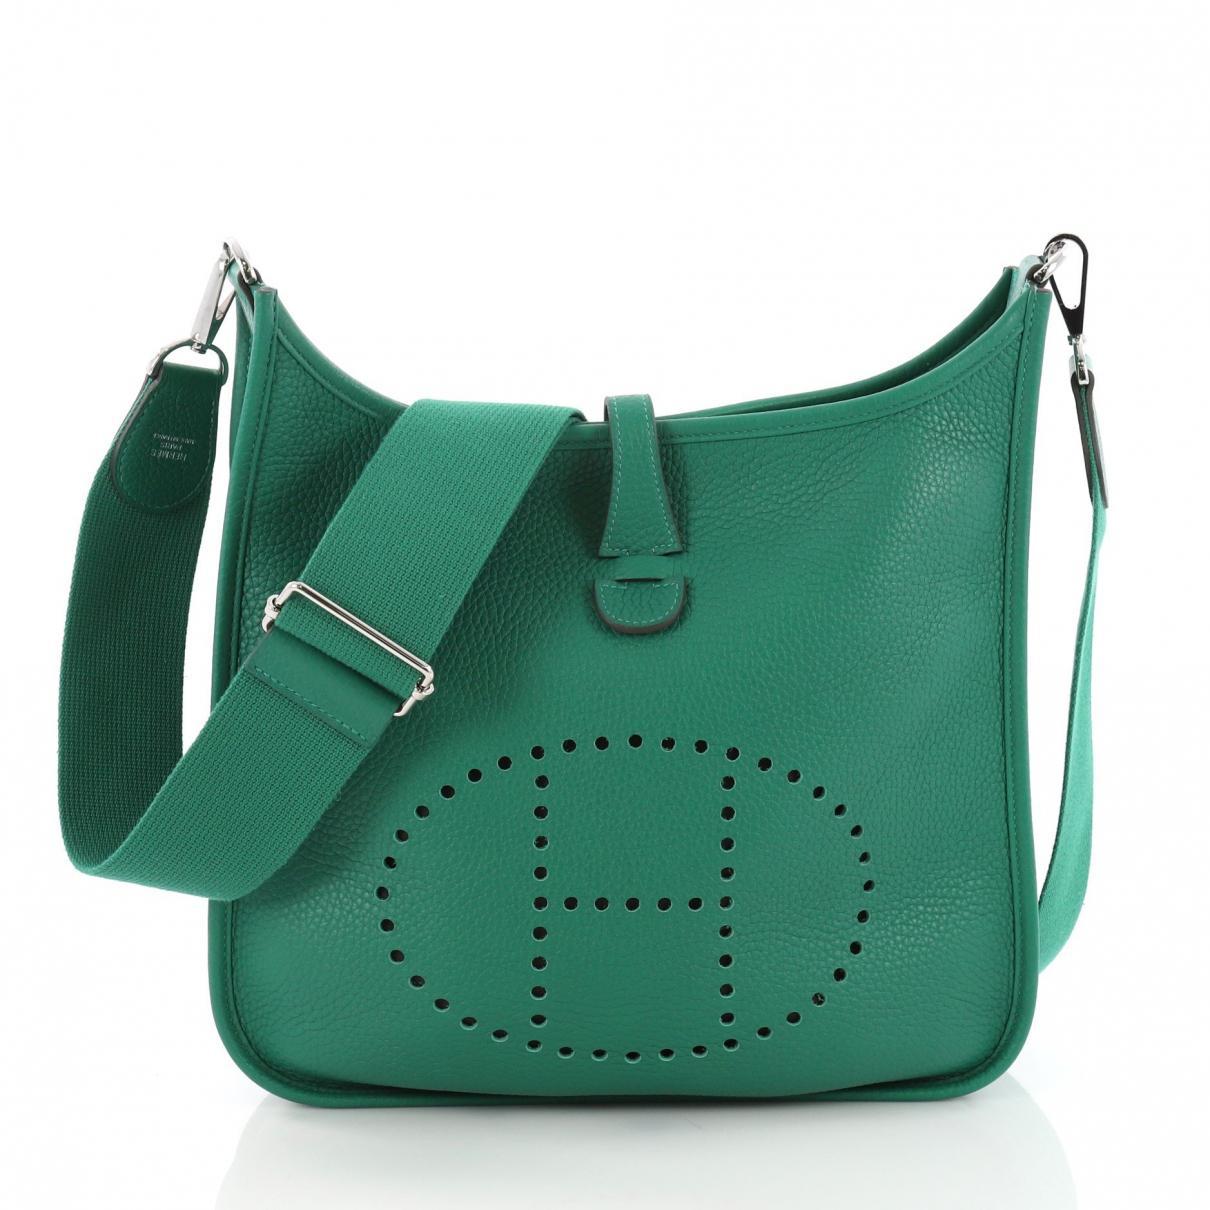 Hermès Evelyne Leather Crossbody Bag in Green - Lyst 8c50ddc73